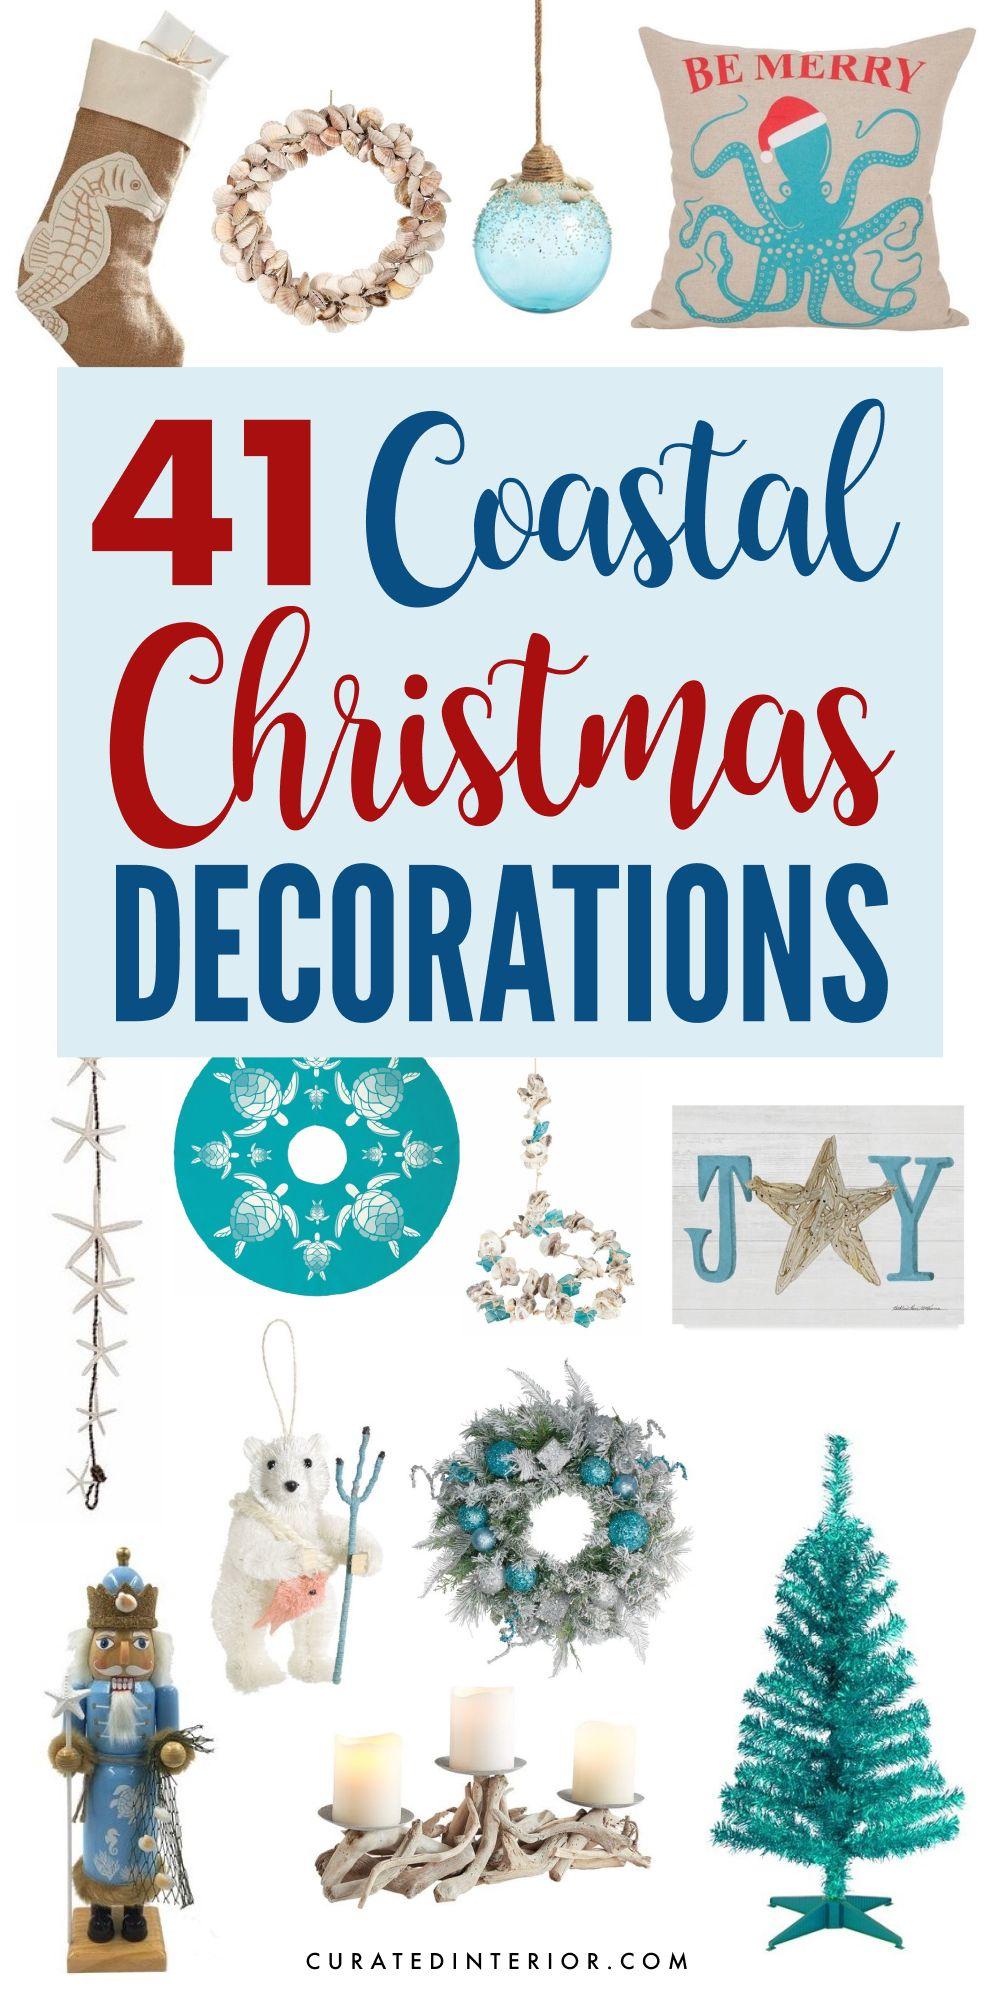 41 Coastal Christmas Decorations #coastaldecor #coastalchristmas #christmasdecor #christmas